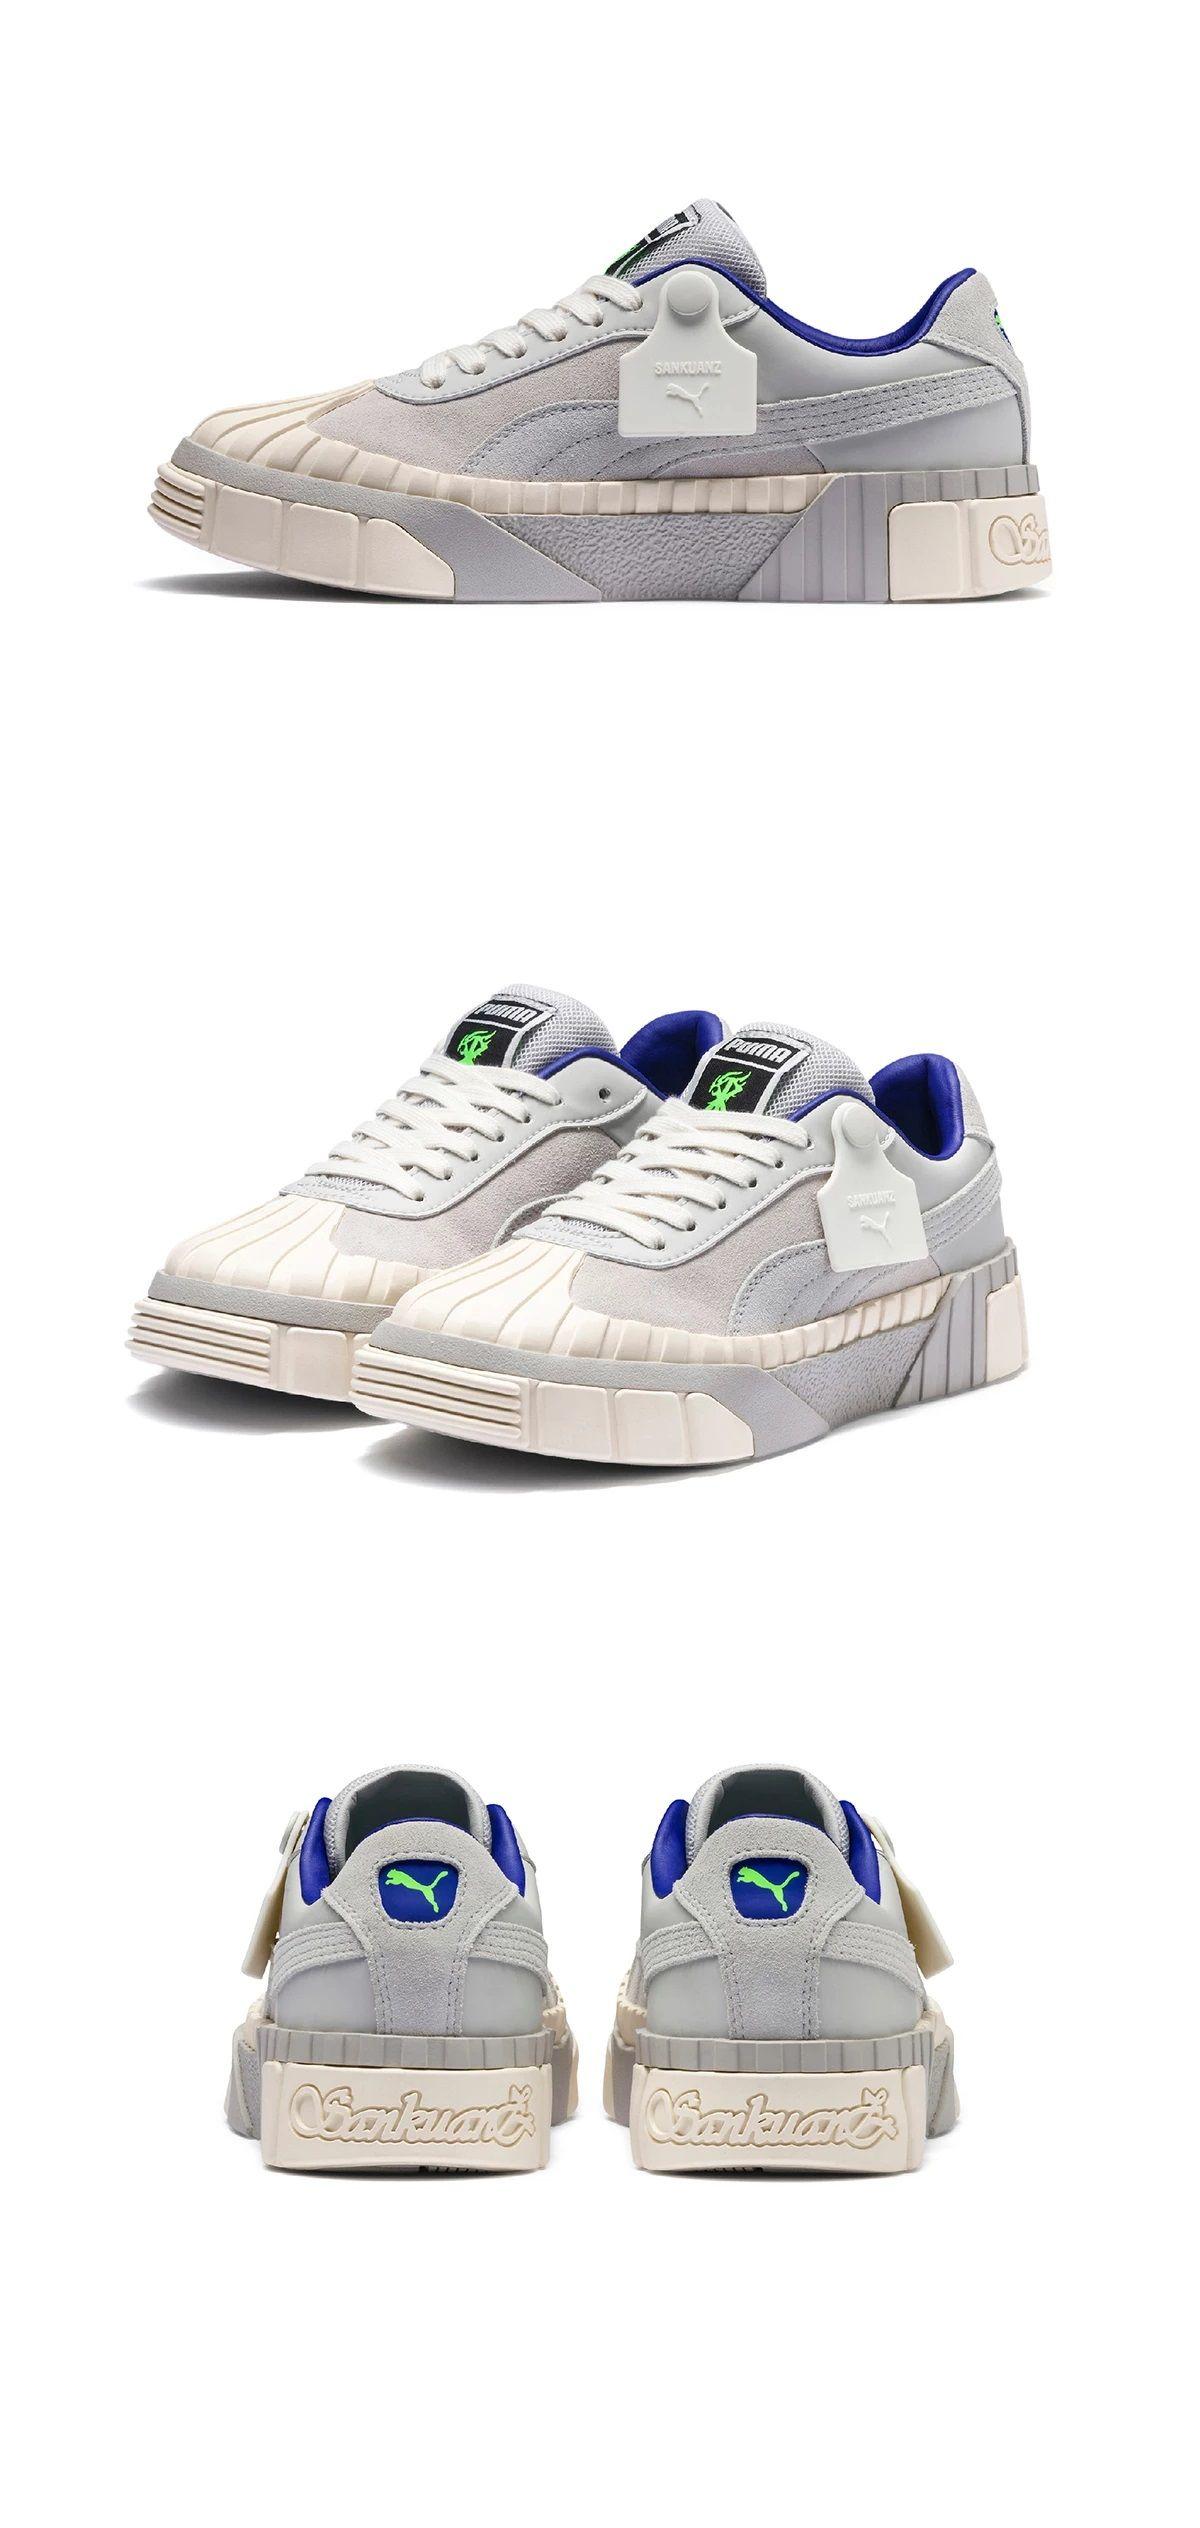 Sankuanz x Puma Cali | Sneakers: Puma in 2019 | Puma original, Shoes ...